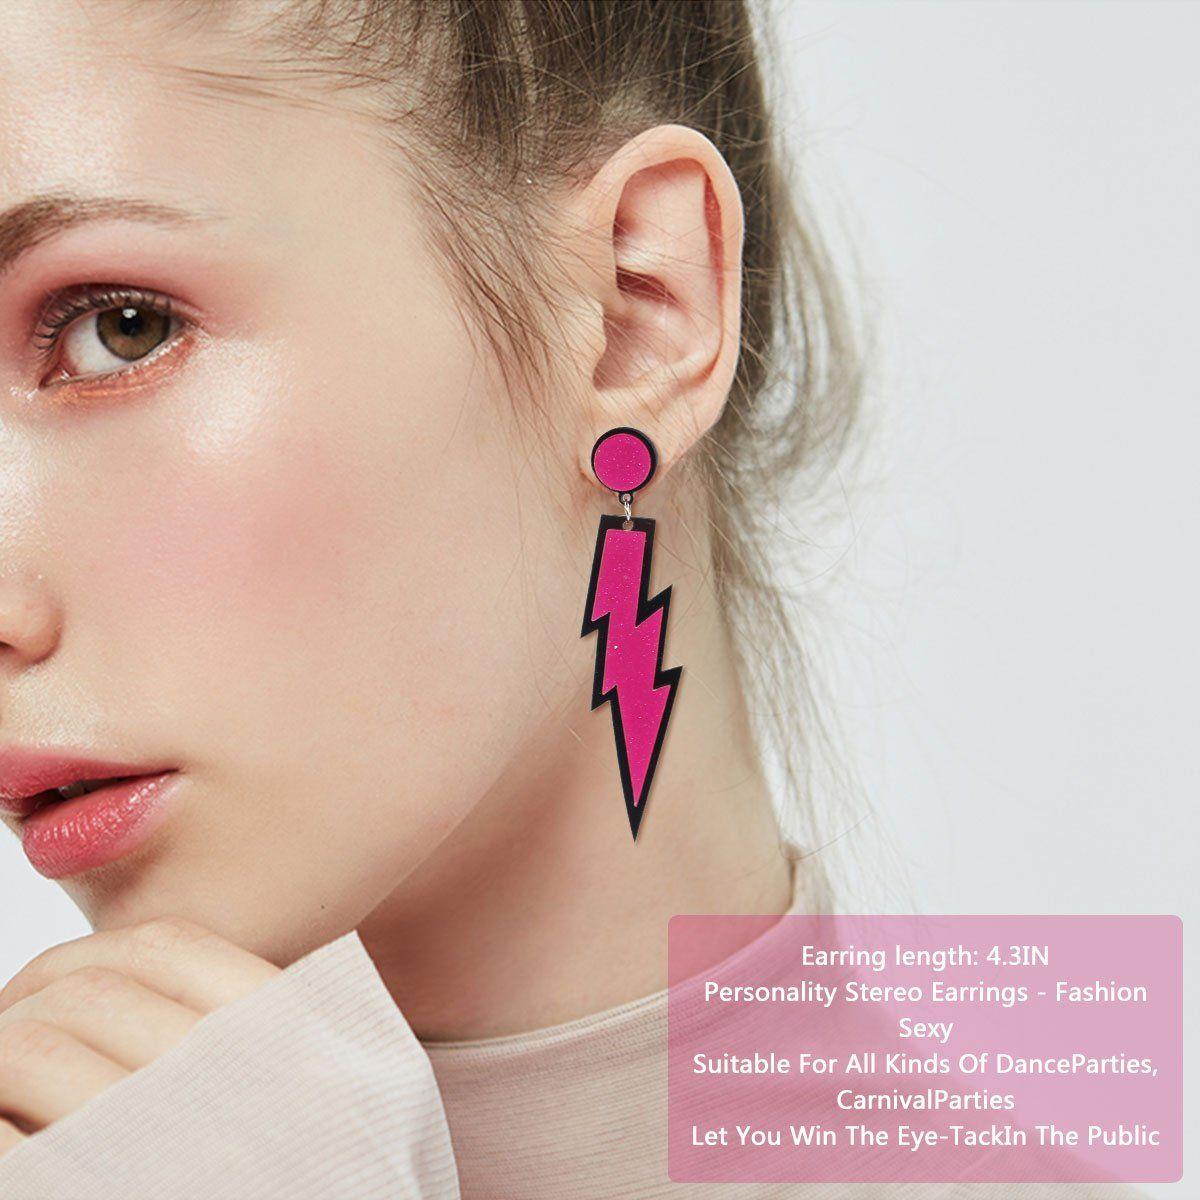 NEON PINK HOOP EARRINGS 80S FASHION COSTUME JEWELLERY FANCY DRESS ACCESSORIES